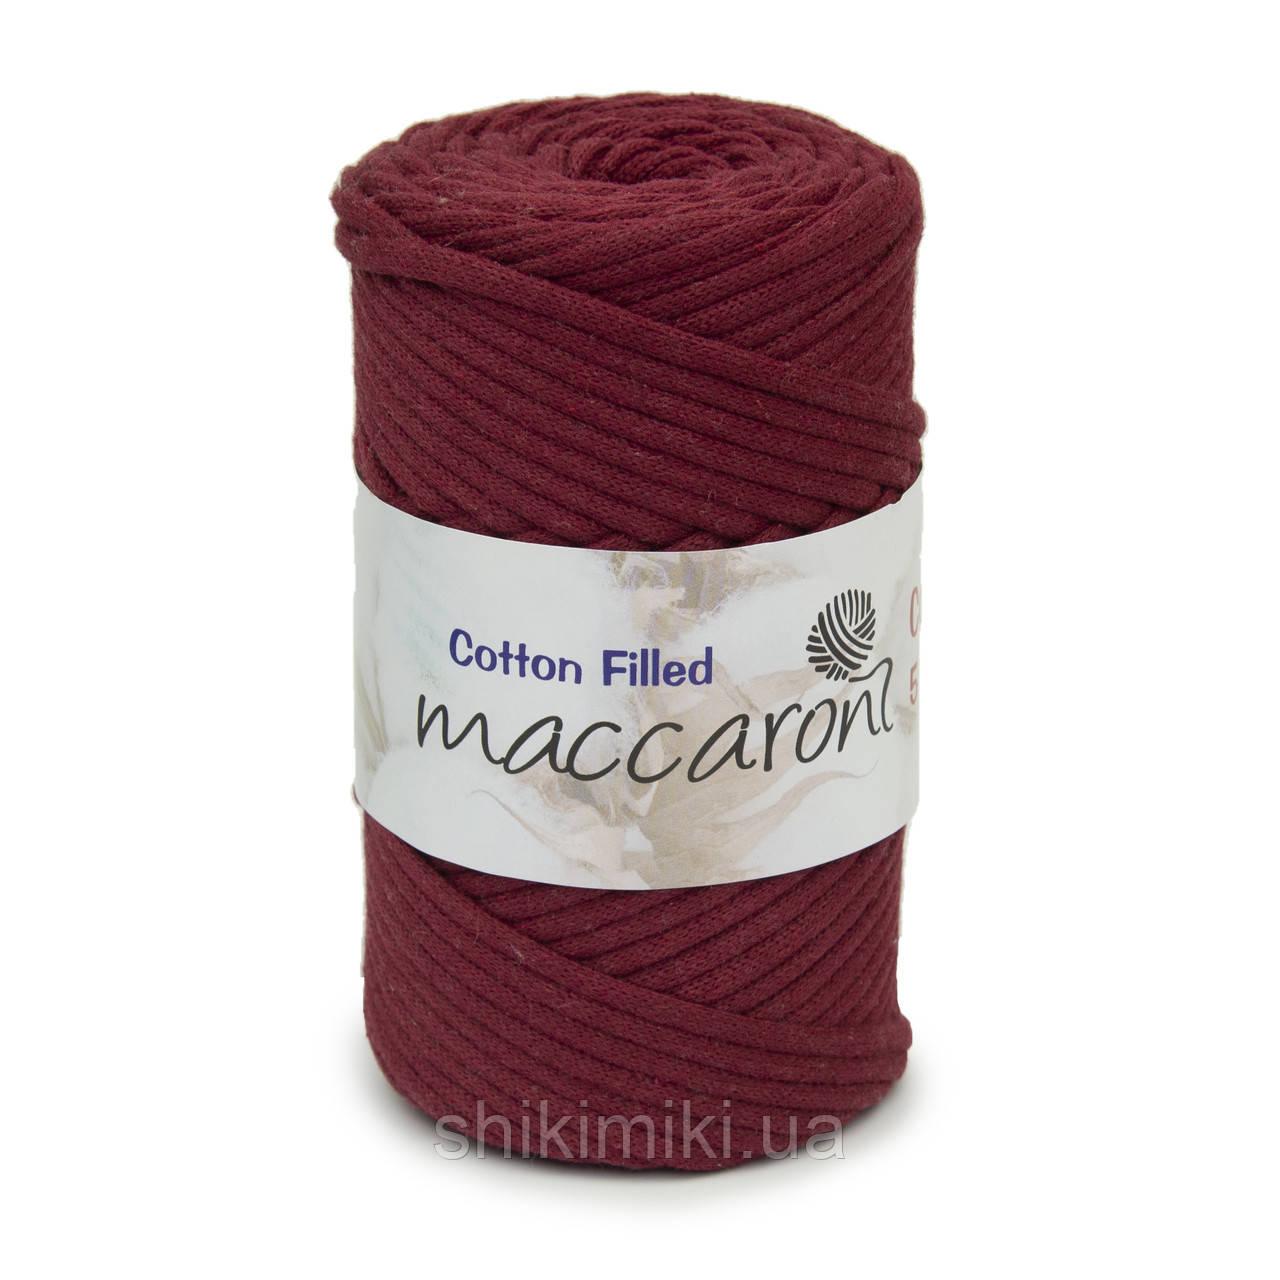 Трикотажный хлопковый шнур Cotton Filled 5 мм, цвет Бордовый